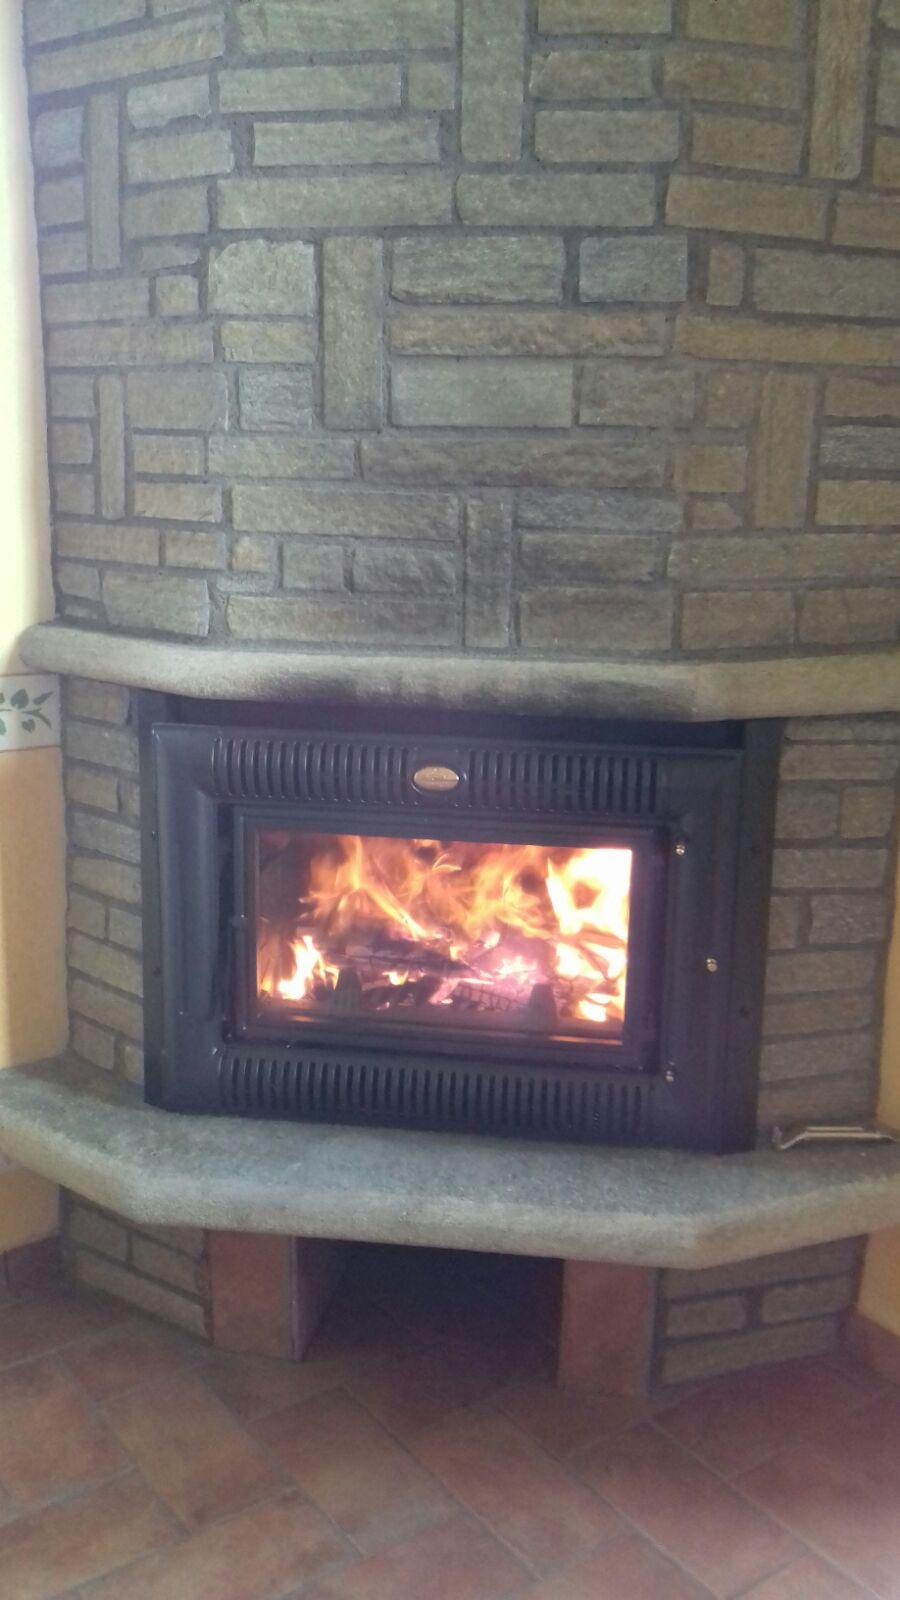 Installazione inserto a legna jotul la bottega del fuoco sede unica di ceriale - Installazione termocucina a legna ...